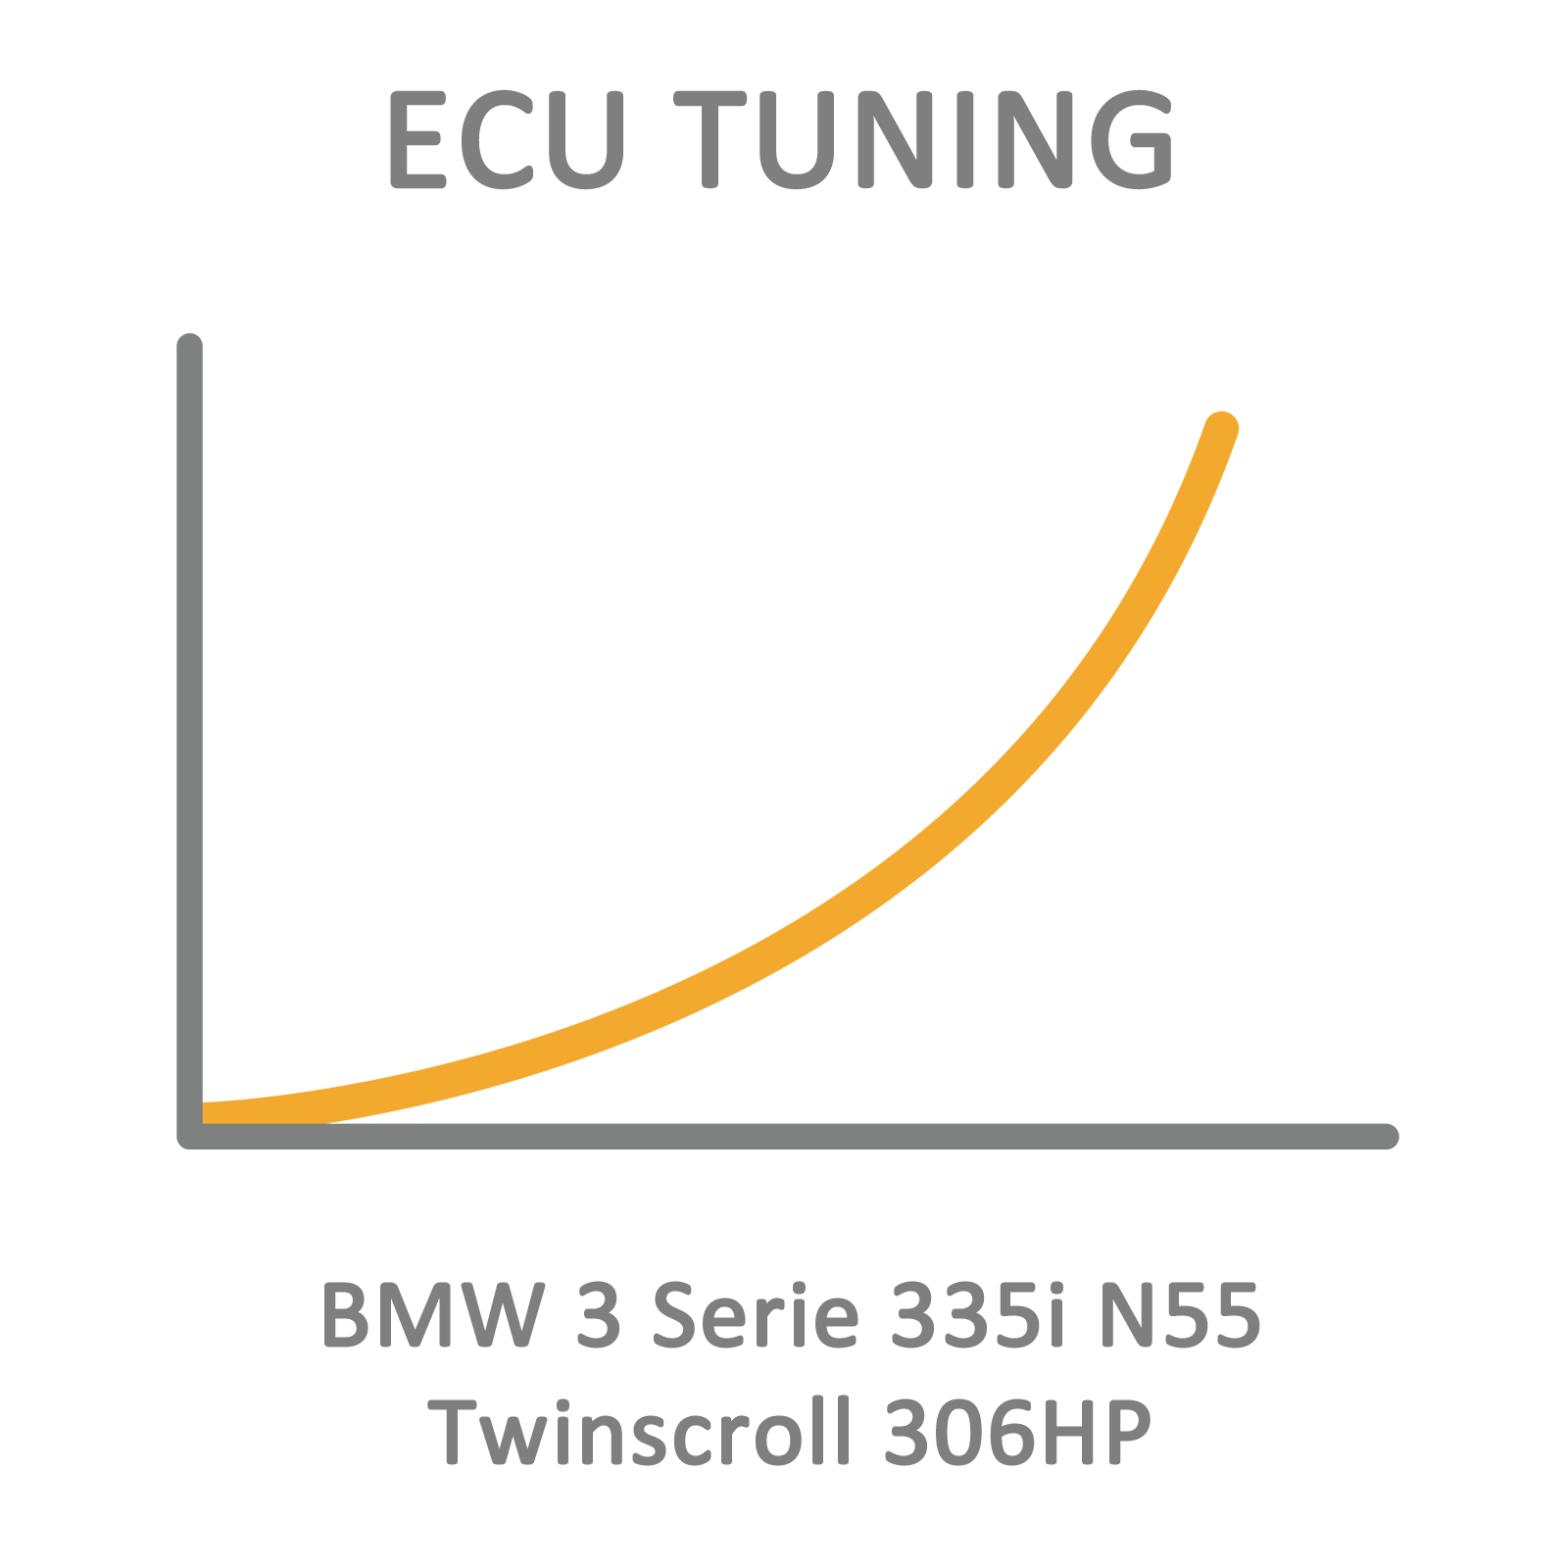 BMW 3 Series 335i N55 Twinscroll 306HP ECU Tuning